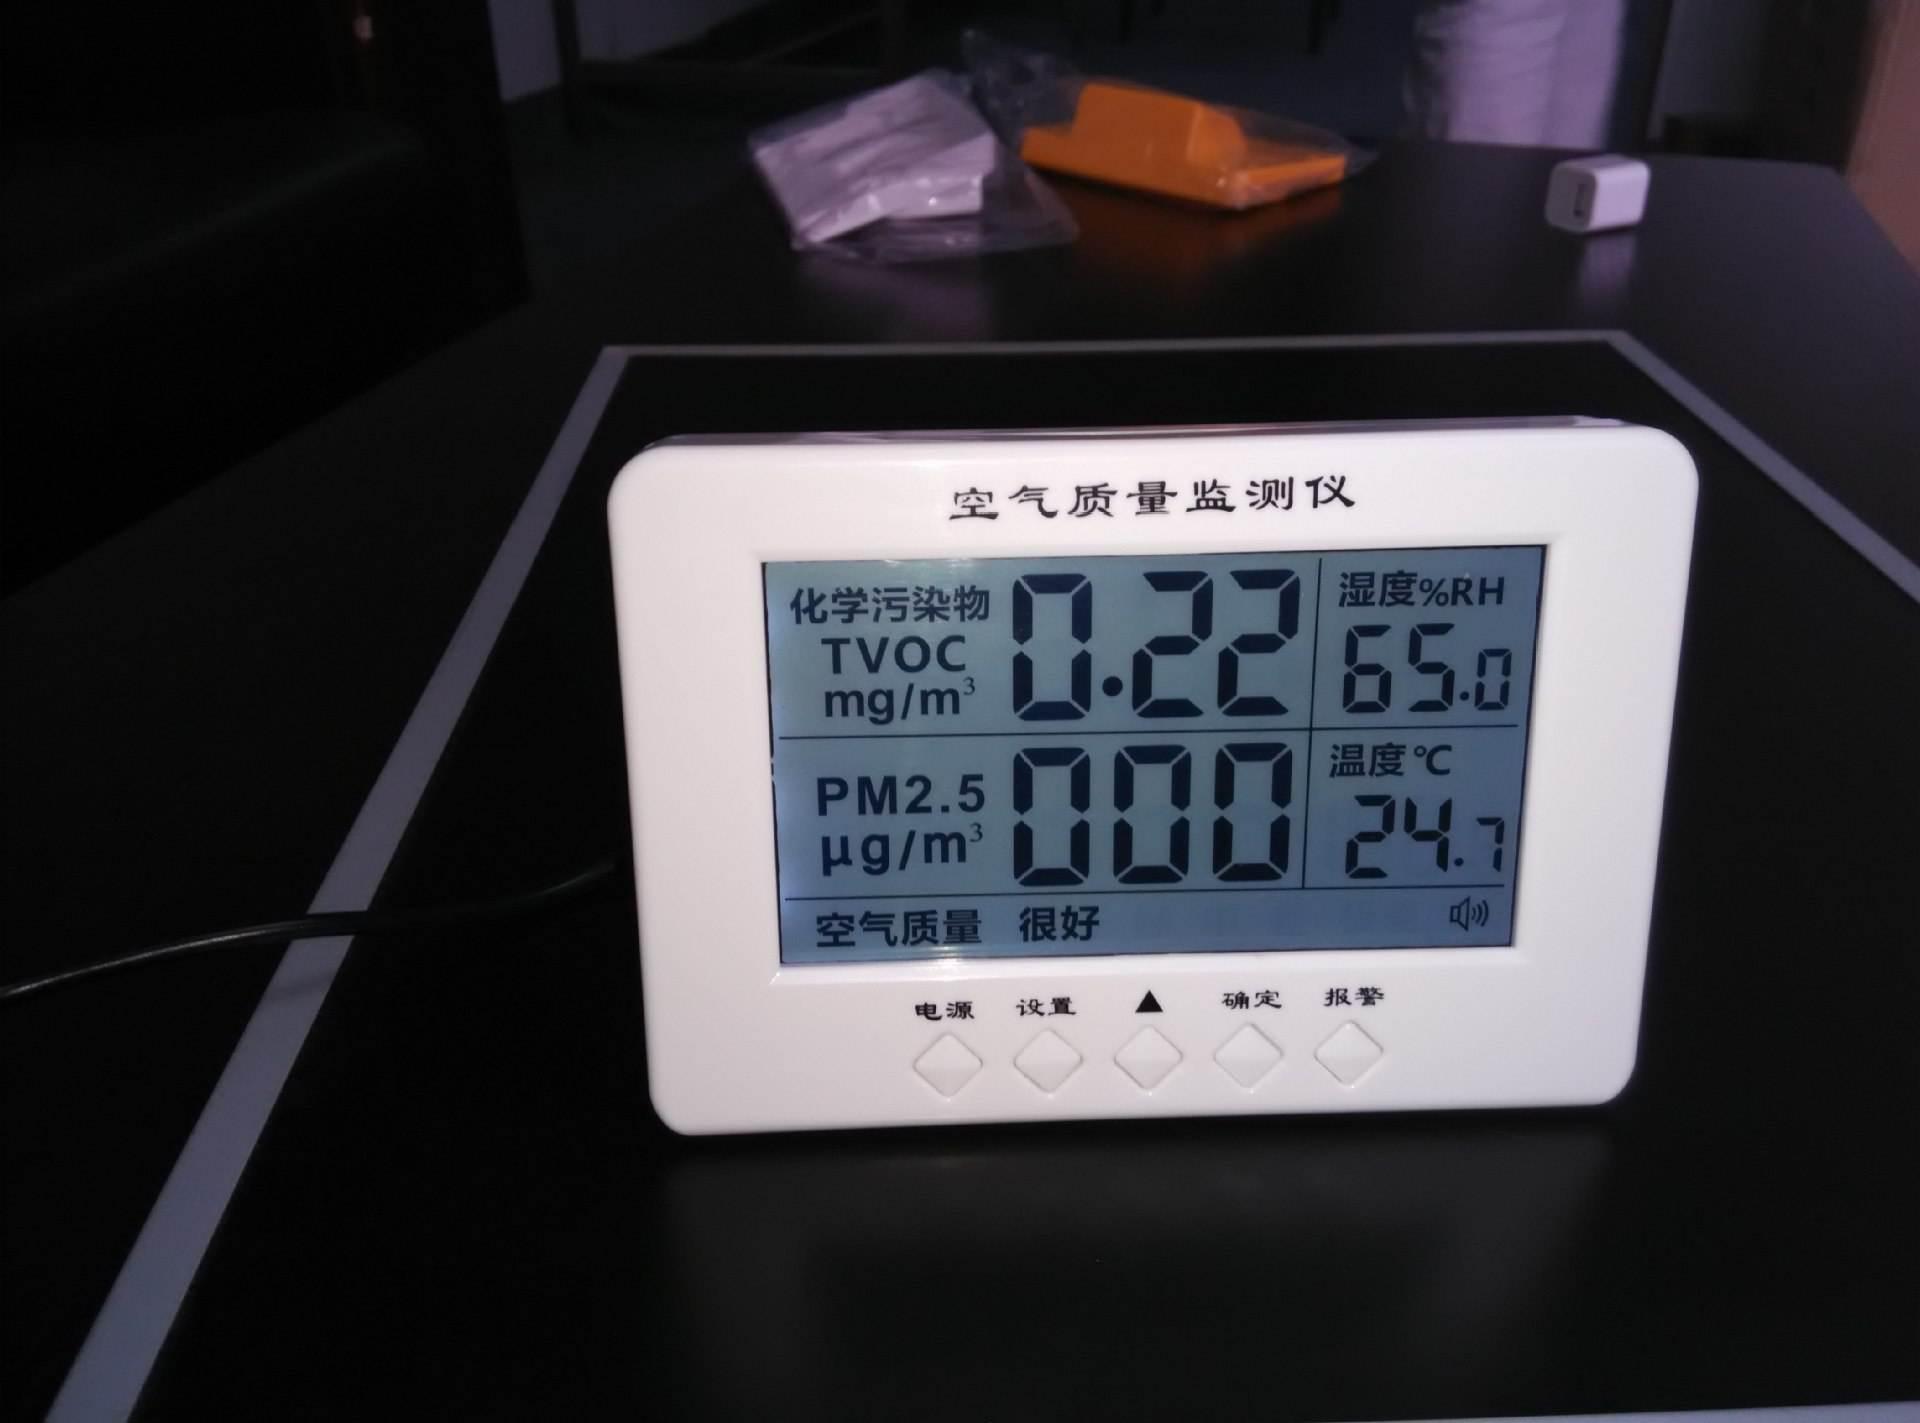 空气质量传感器可以使哪些场所变得更健康